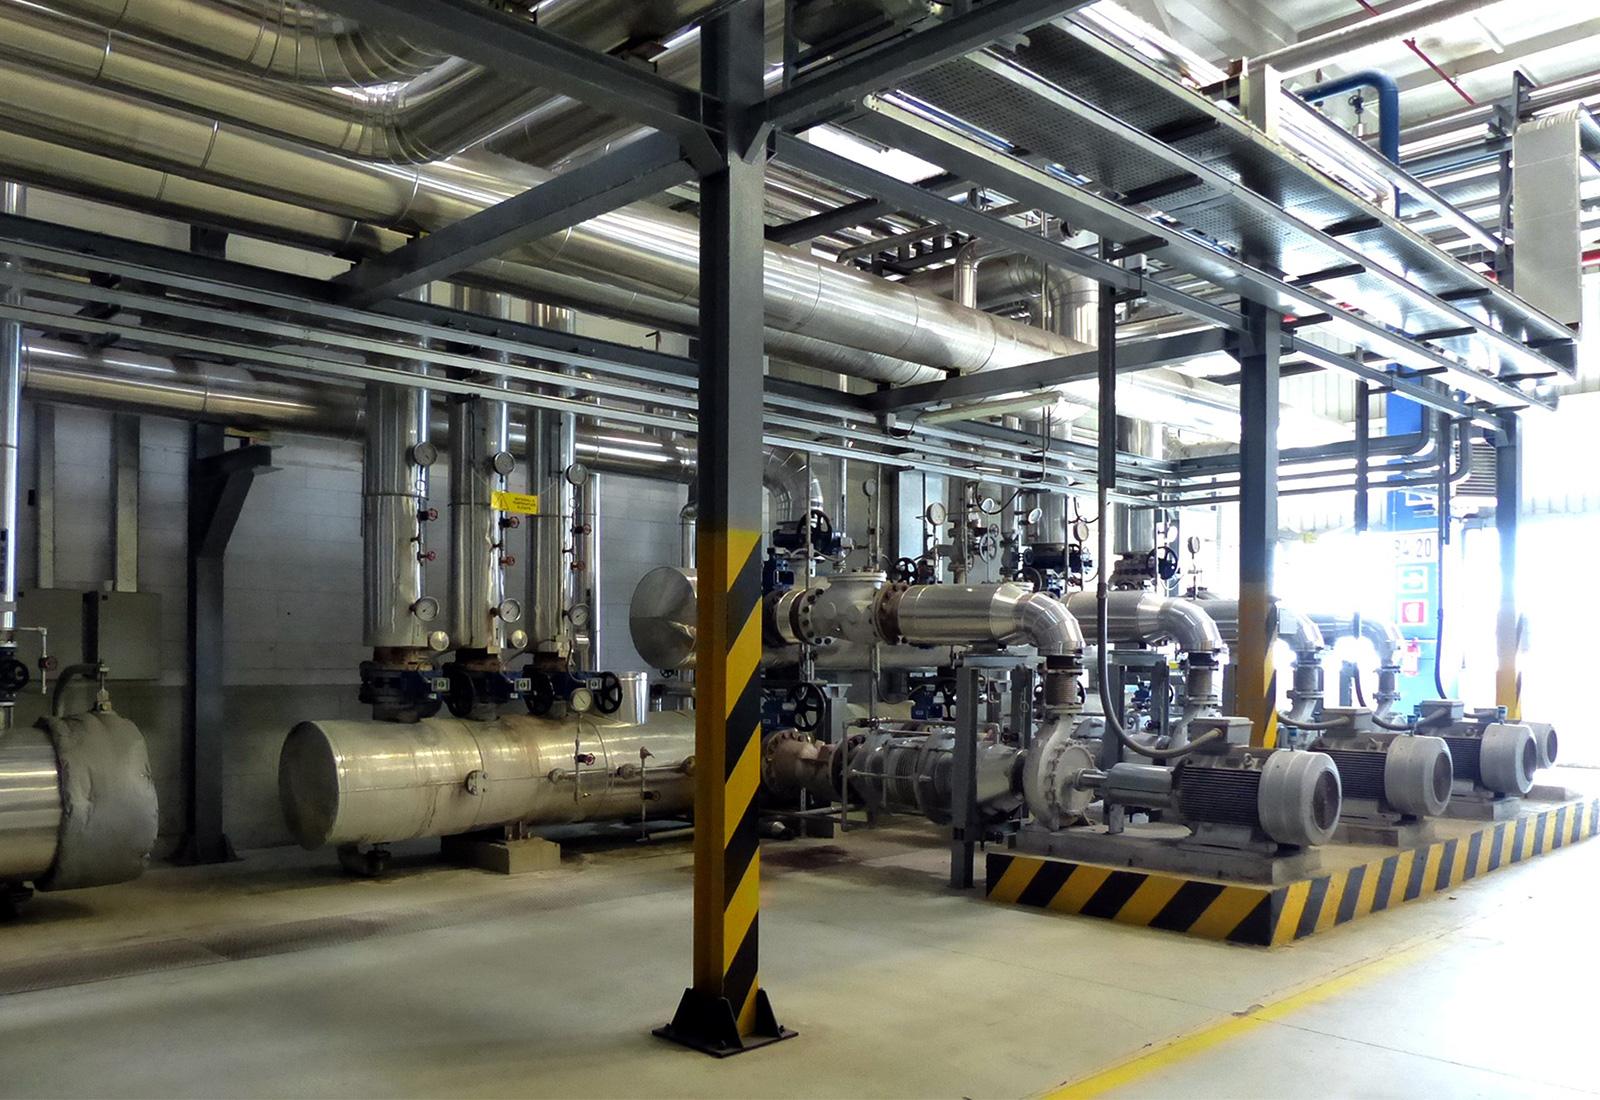 Gruppo ingegneria Torino - Impianti industriali